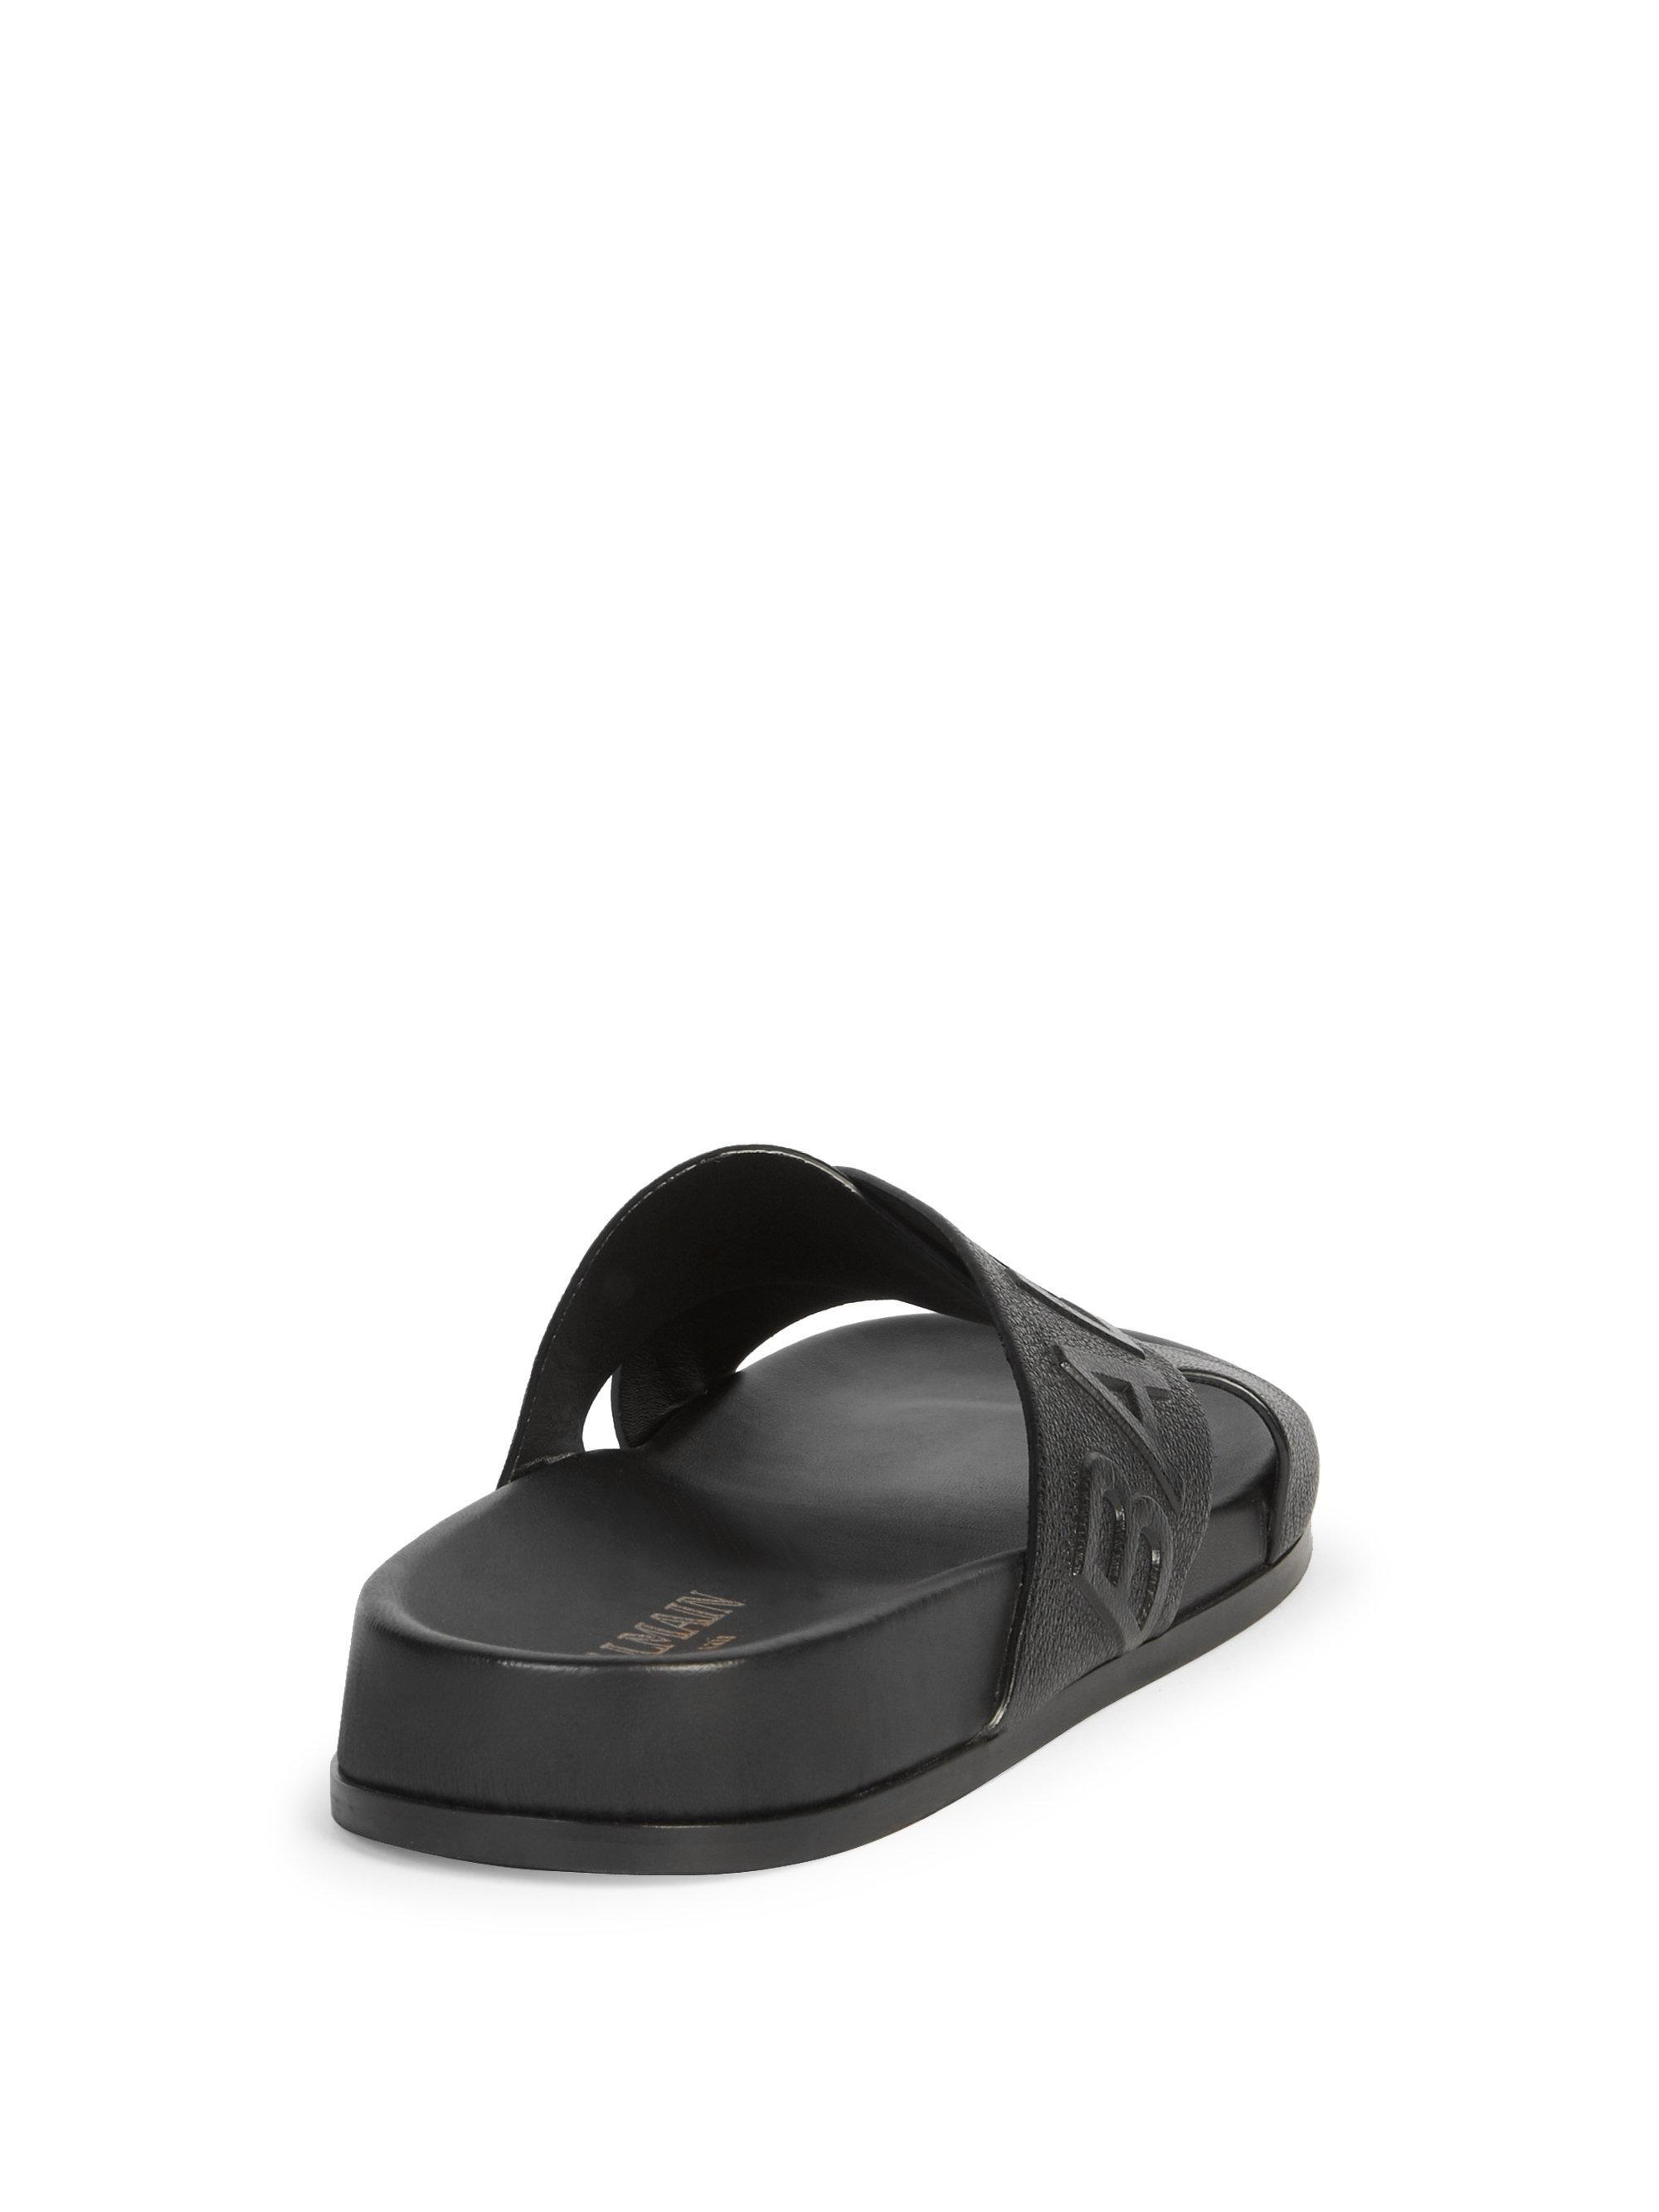 BalmainLogo Cross Sandals v4gBjWZ8sY